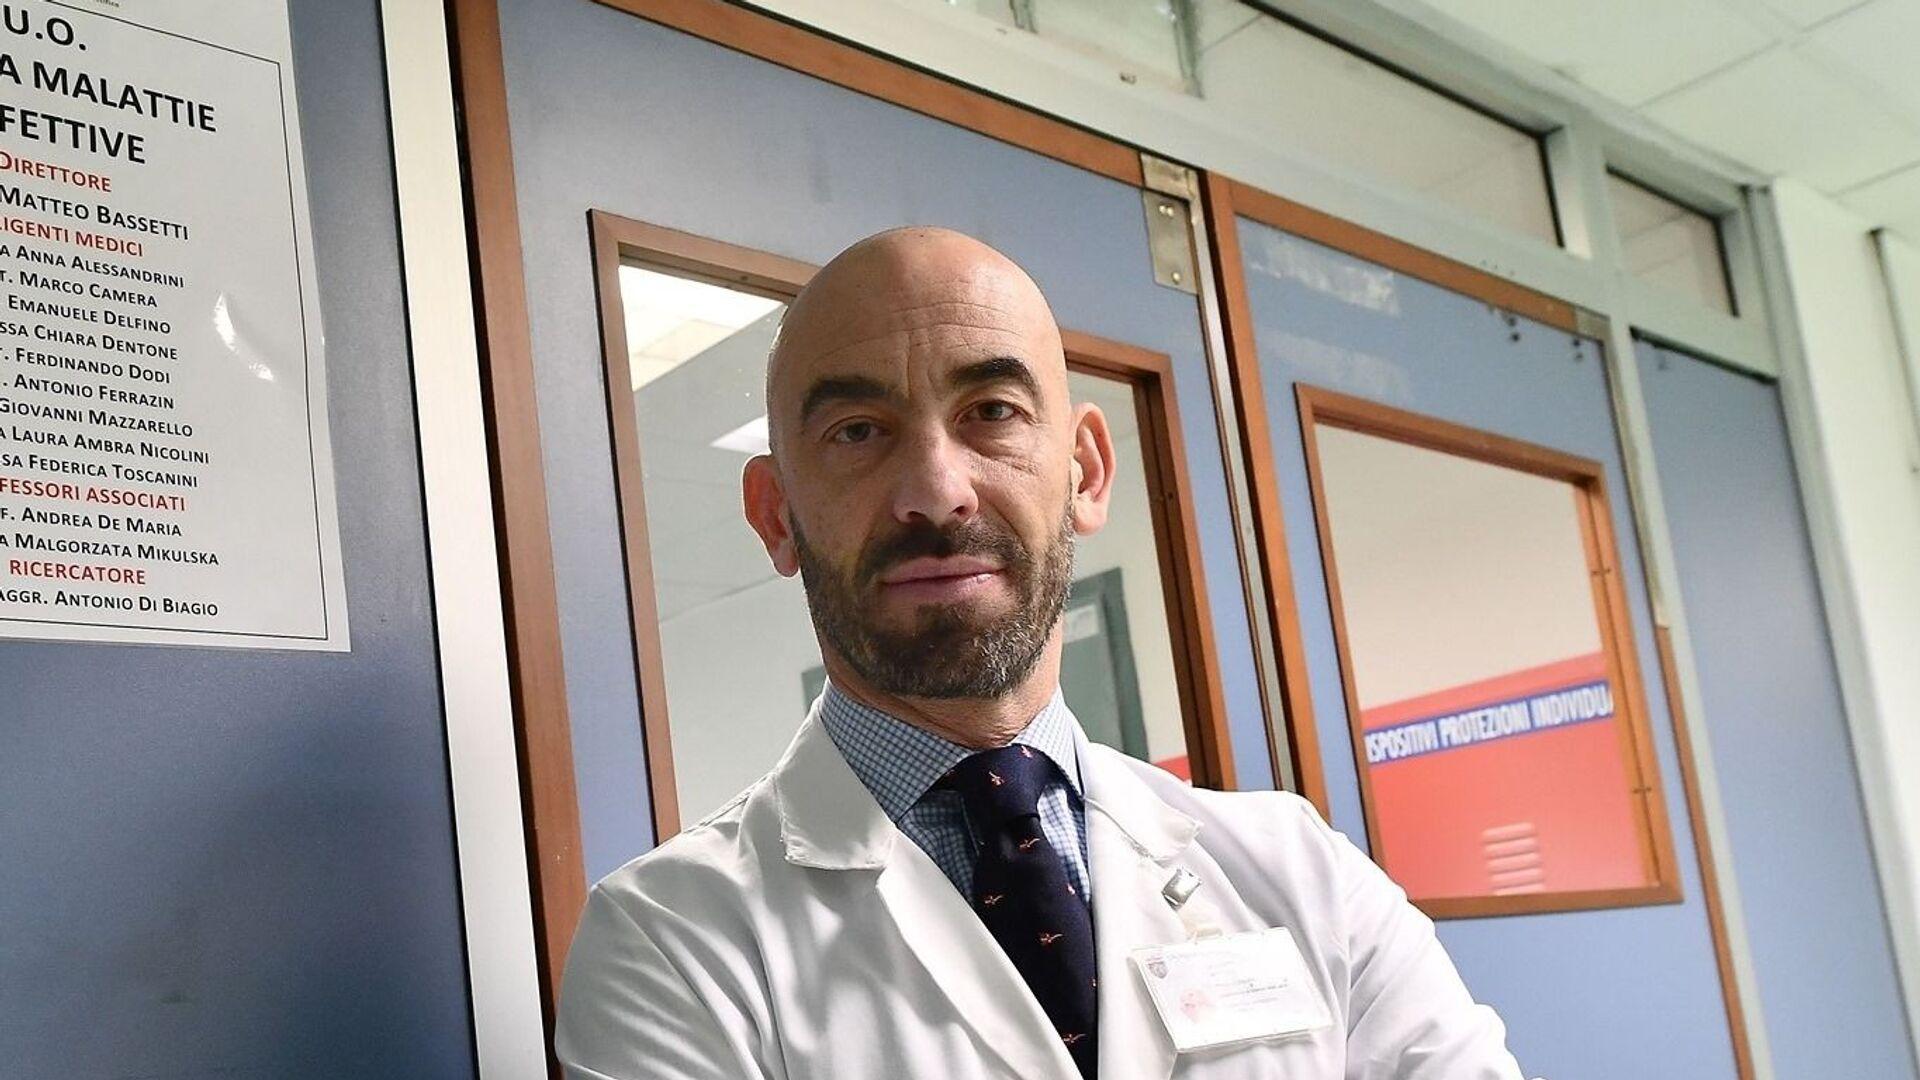 Matteo Bassetti, infettivologo, primario dell'ospedale San Martino di Genova - Sputnik Italia, 1920, 13.04.2021